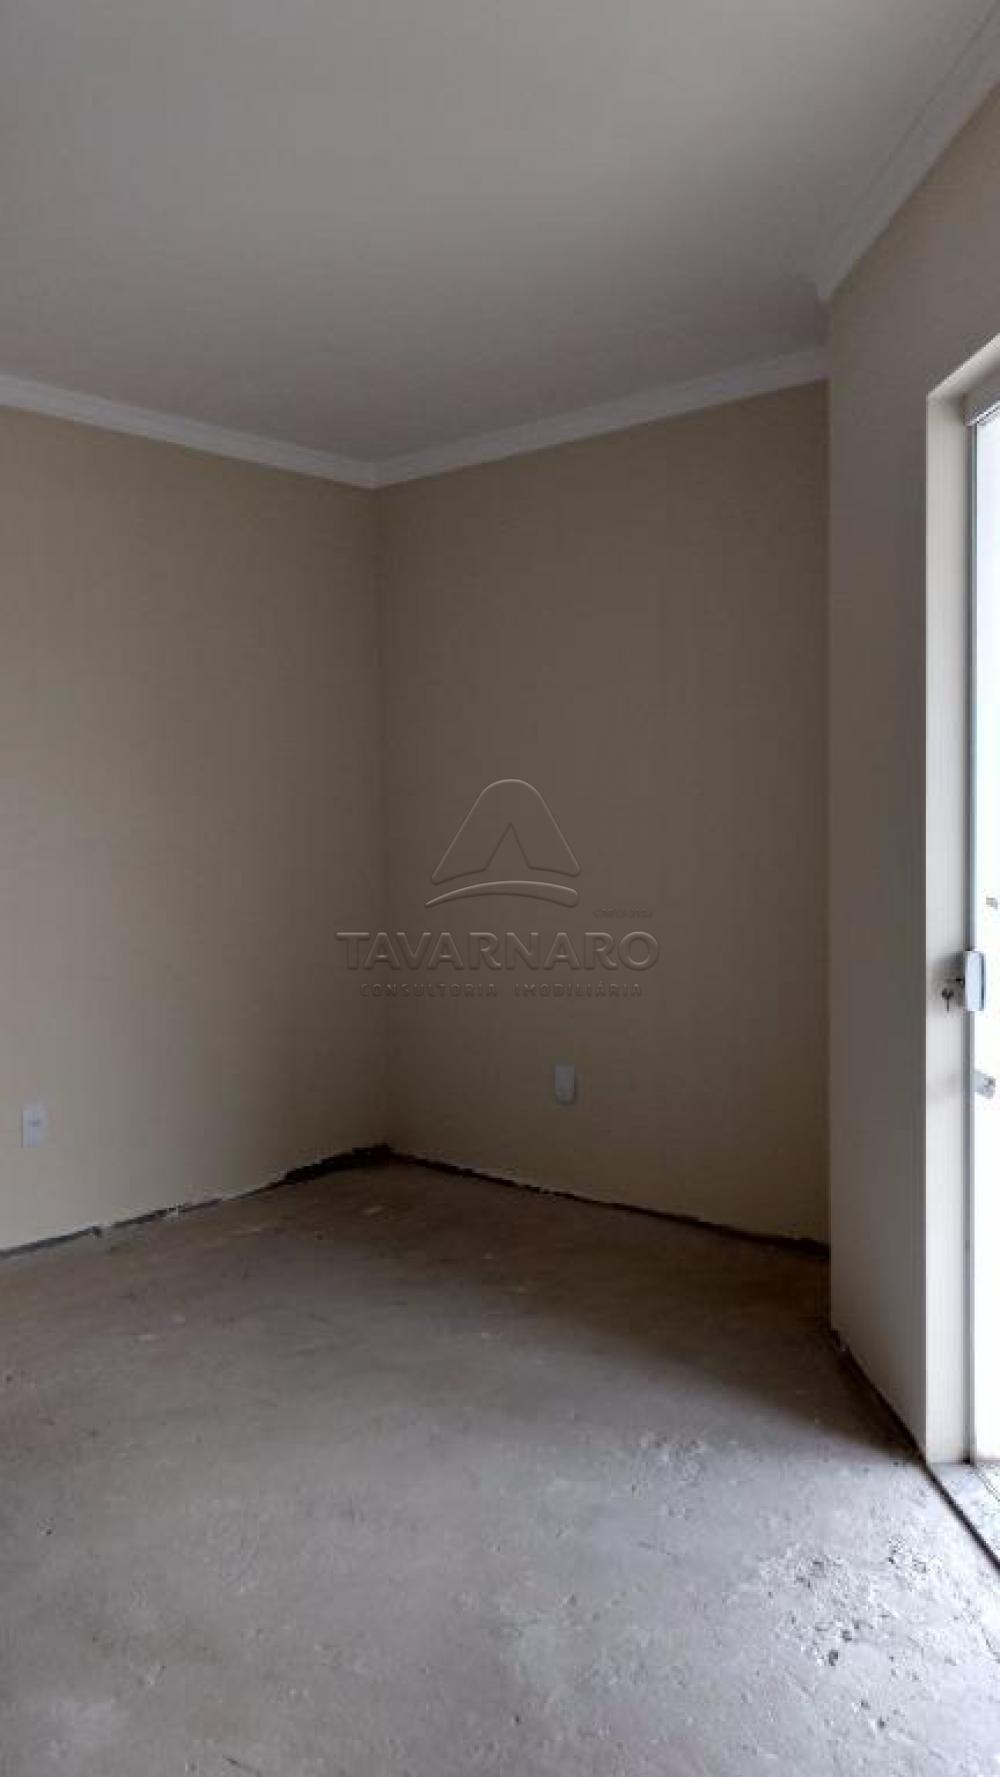 Comprar Casa / Sobrado em Ponta Grossa apenas R$ 700.000,00 - Foto 17